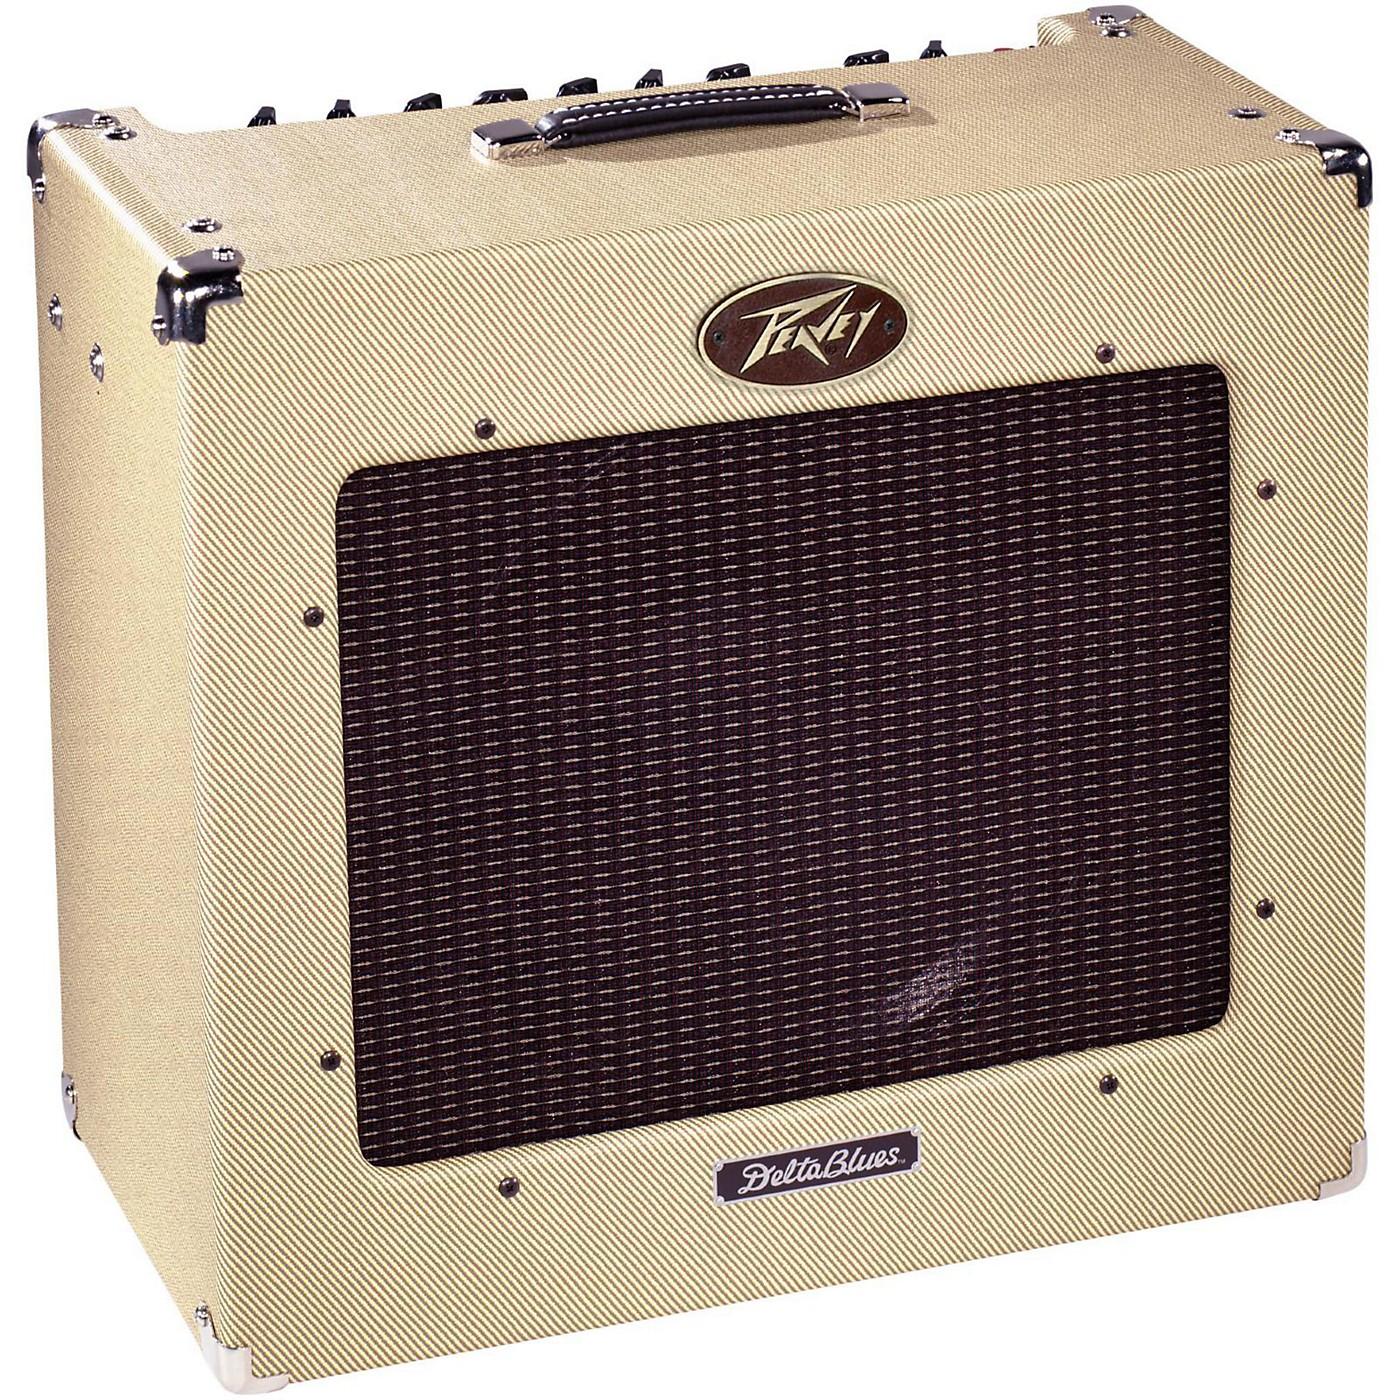 Peavey Delta Blues 30W 1x15 Tube Combo Guitar Amp thumbnail